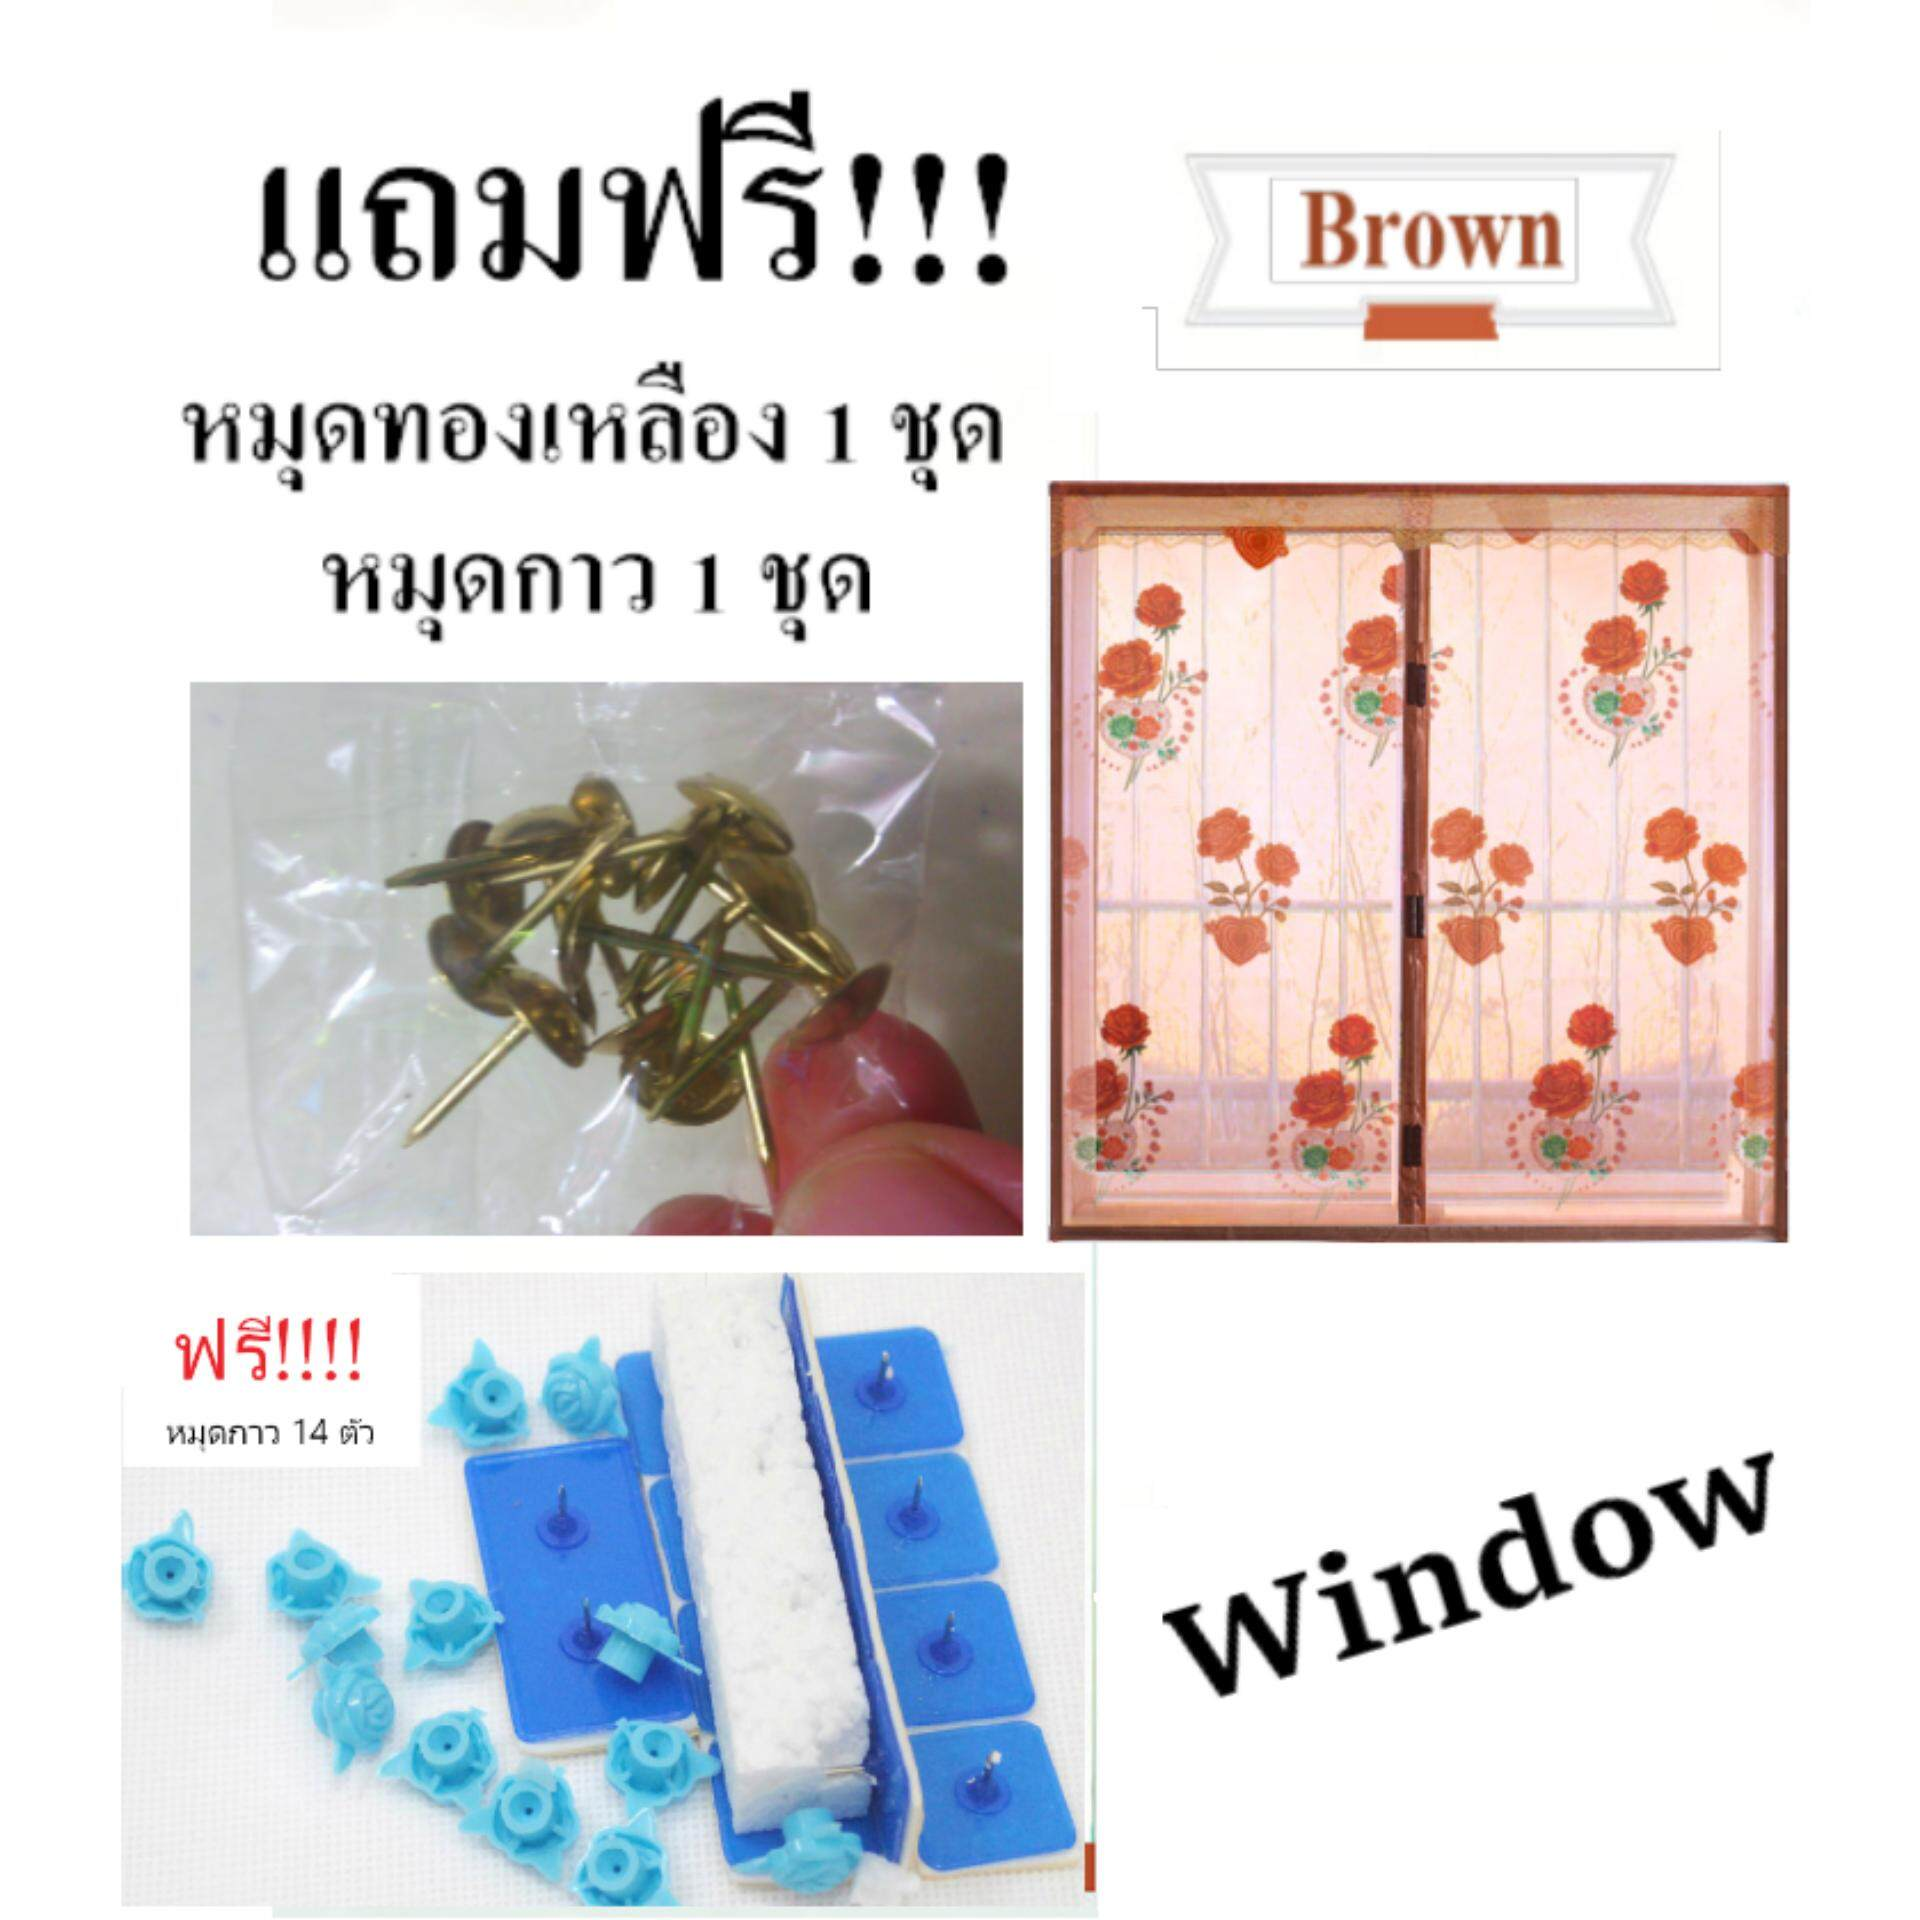 ราคา Happy Day ผ้าม่านหน้าต่างกันยุง ลายกุหลาบ120X120 ซม ถูก